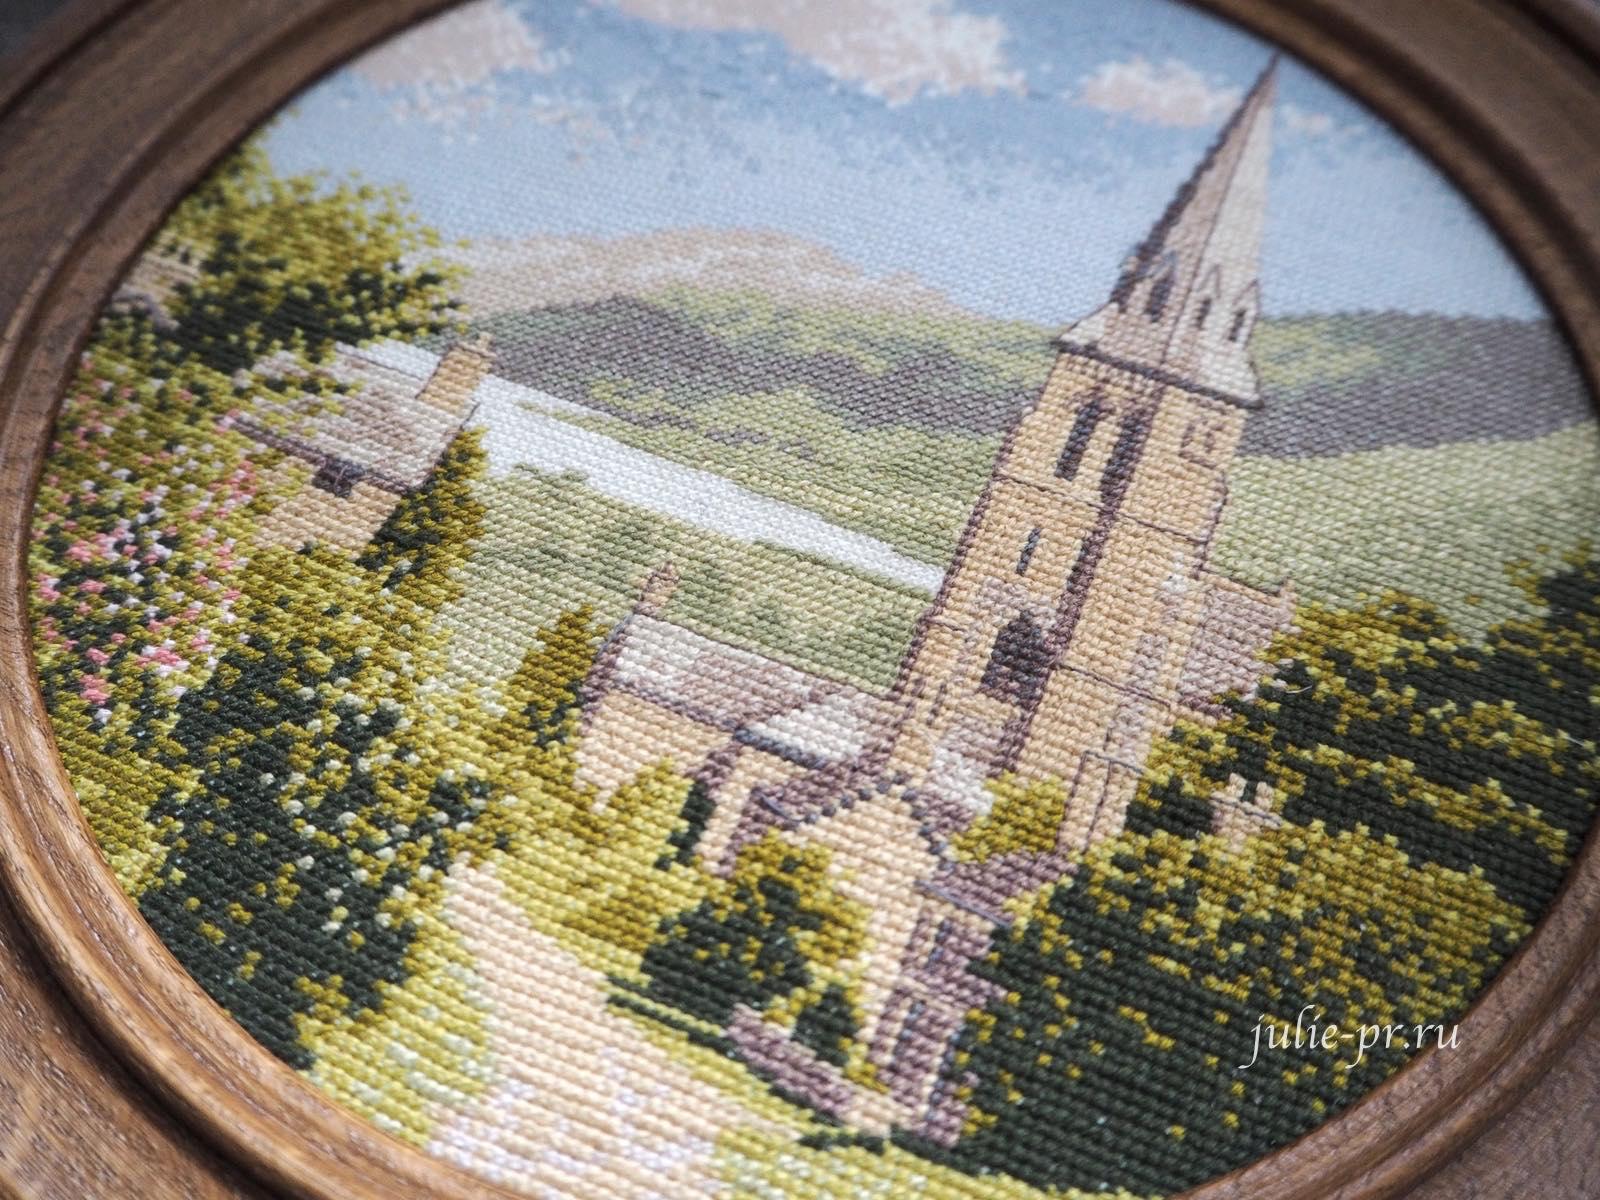 вышивка крестом, круг Джона Клейтона, John Clayton, Lakeside Village, Heritage